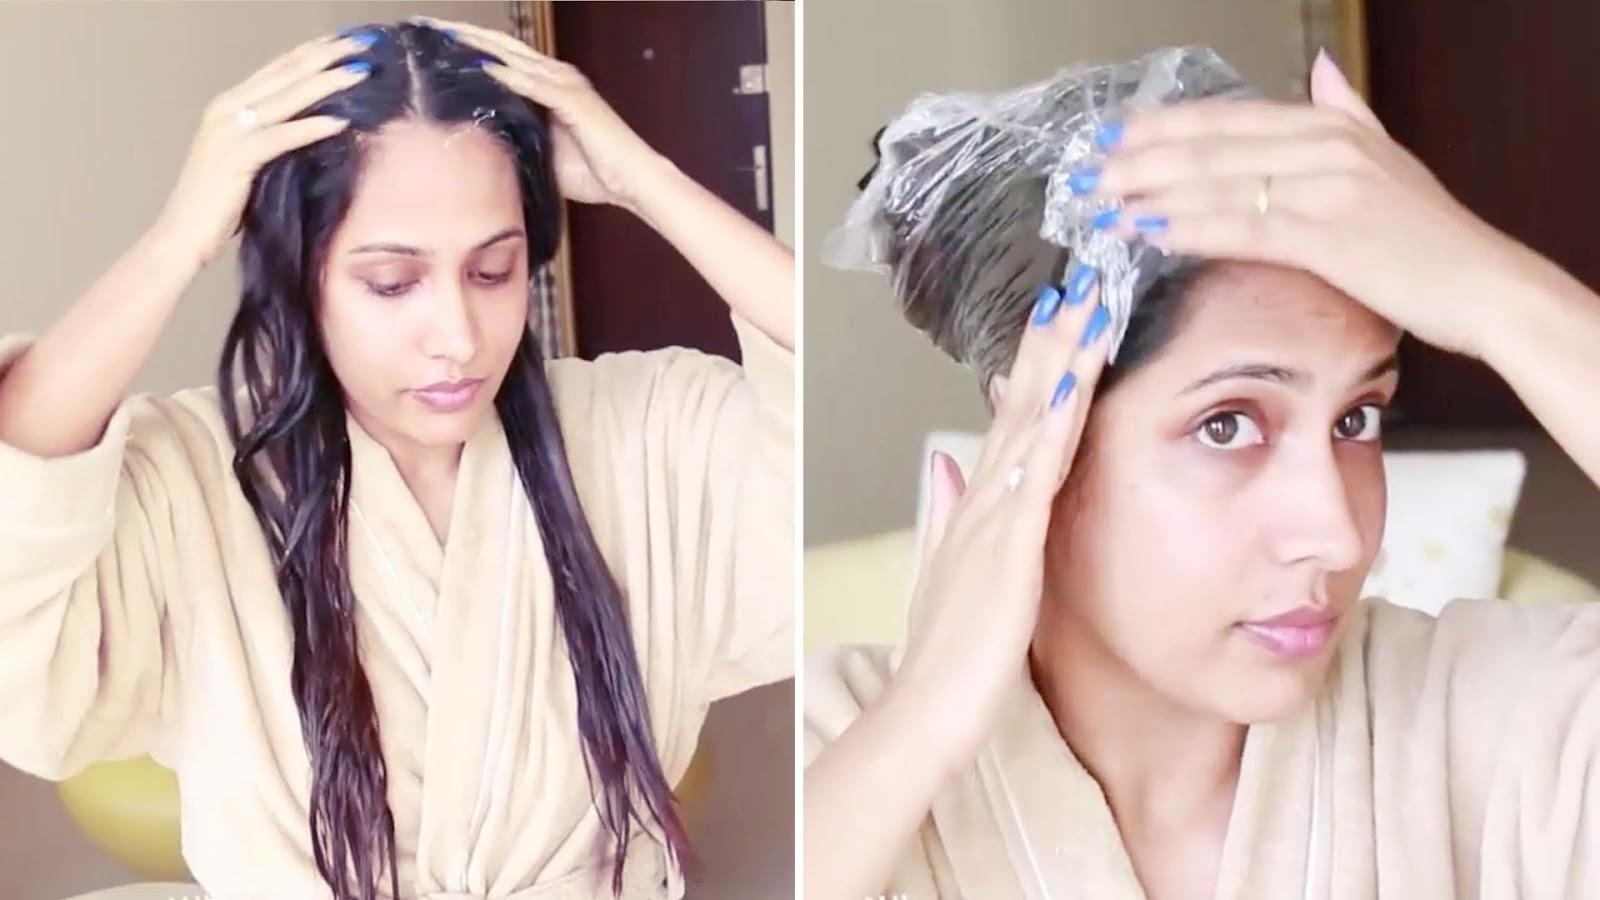 أقوى وأسرع وصفة هندية لتطويل الشعر بسرعة البرق بعد استعمالين فقط باذن الله تجربتي الشخصية